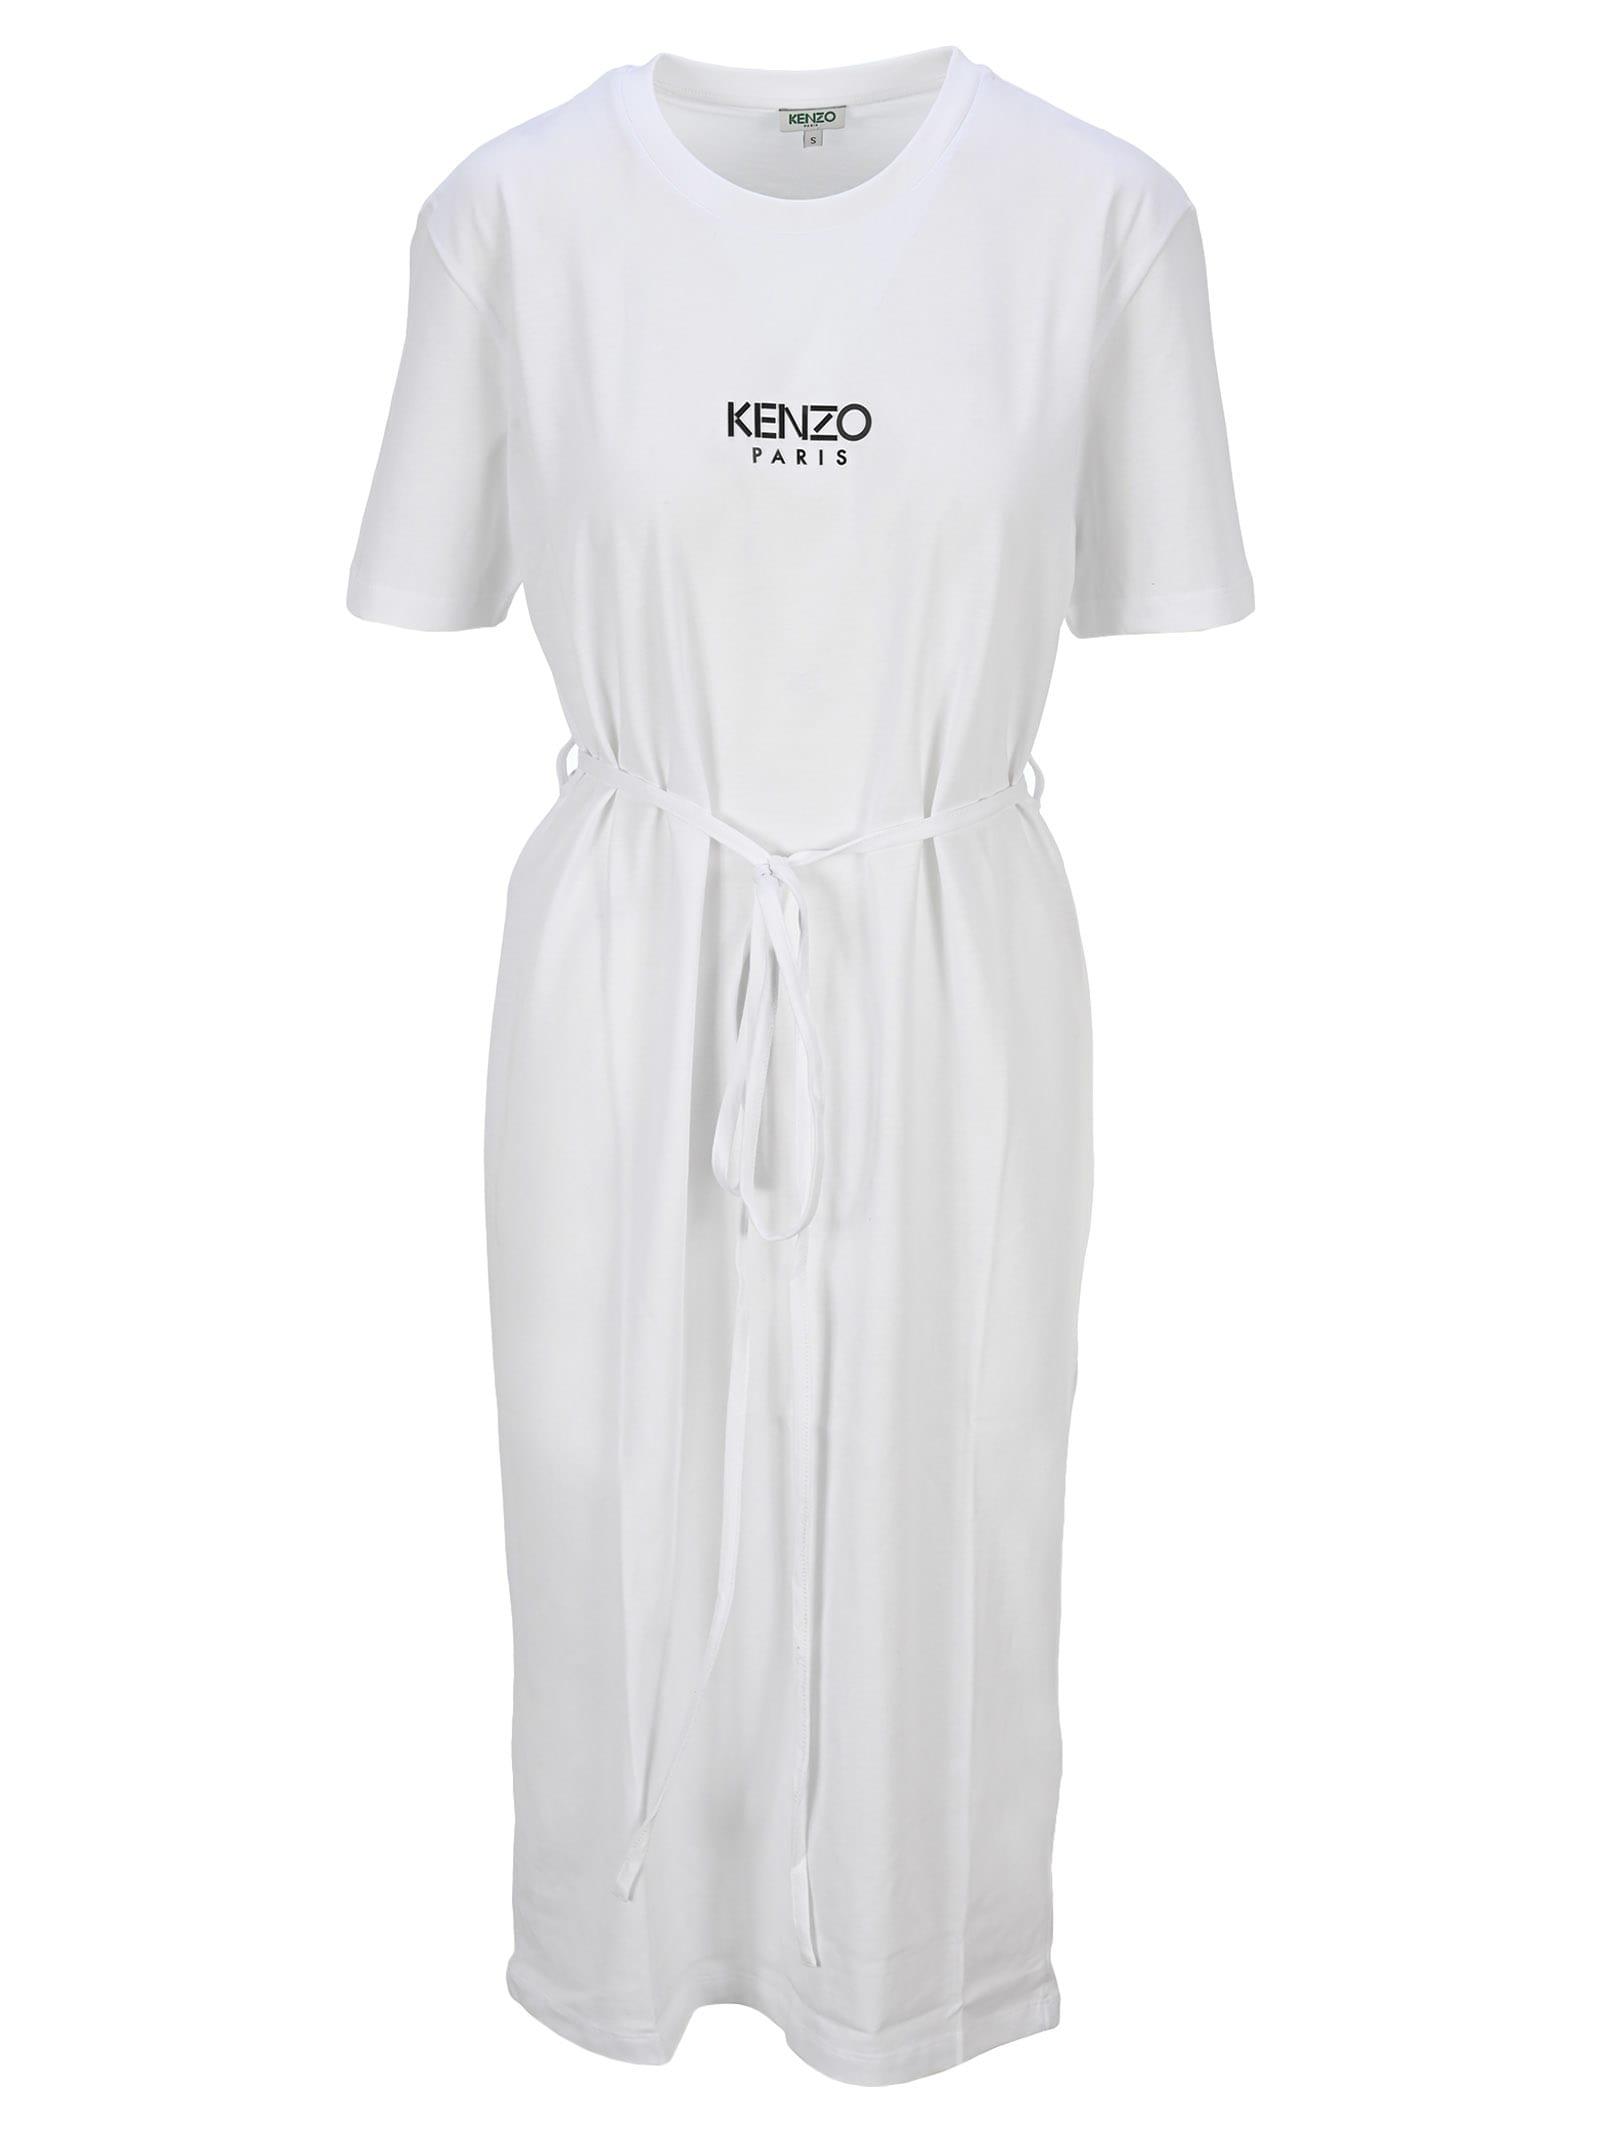 Buy Kenzo Kenzo Logo T-shirt Dress online, shop Kenzo with free shipping